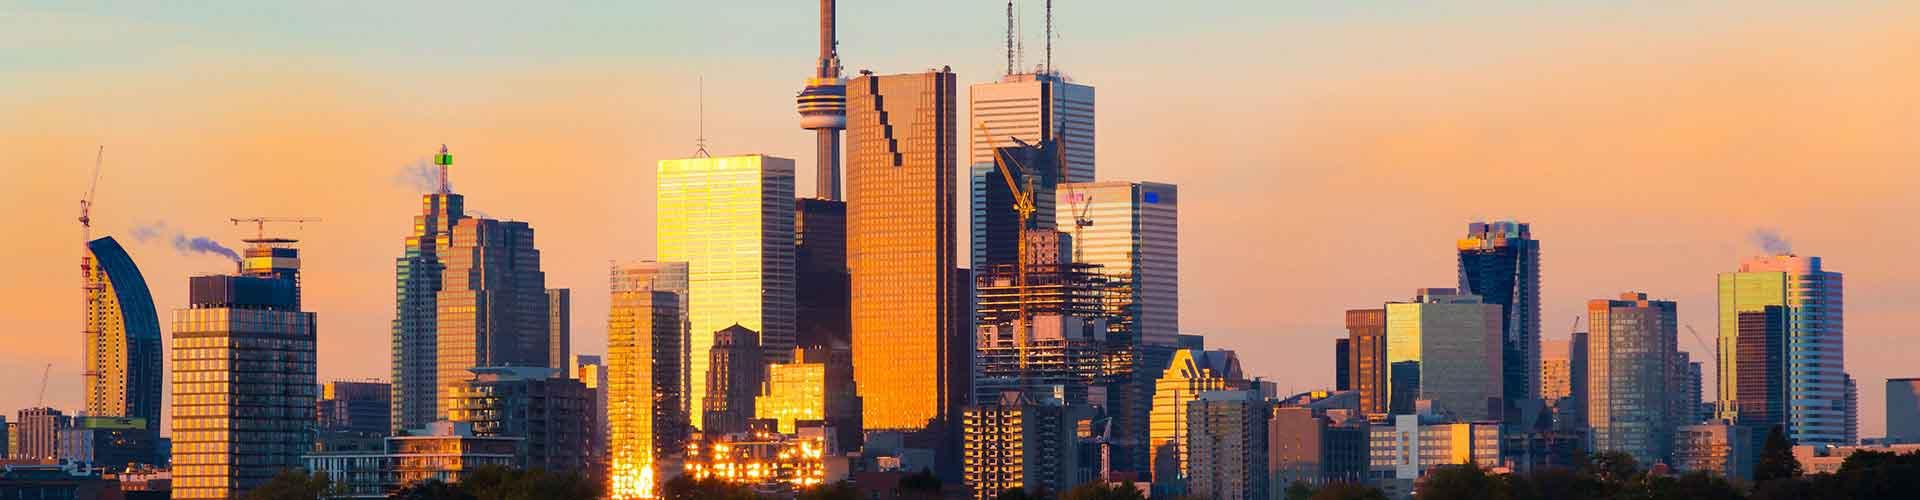 多伦多 – Downtown Toronto区的青年旅舍。多伦多地图,多伦多每间青年旅舍的照片和评价。